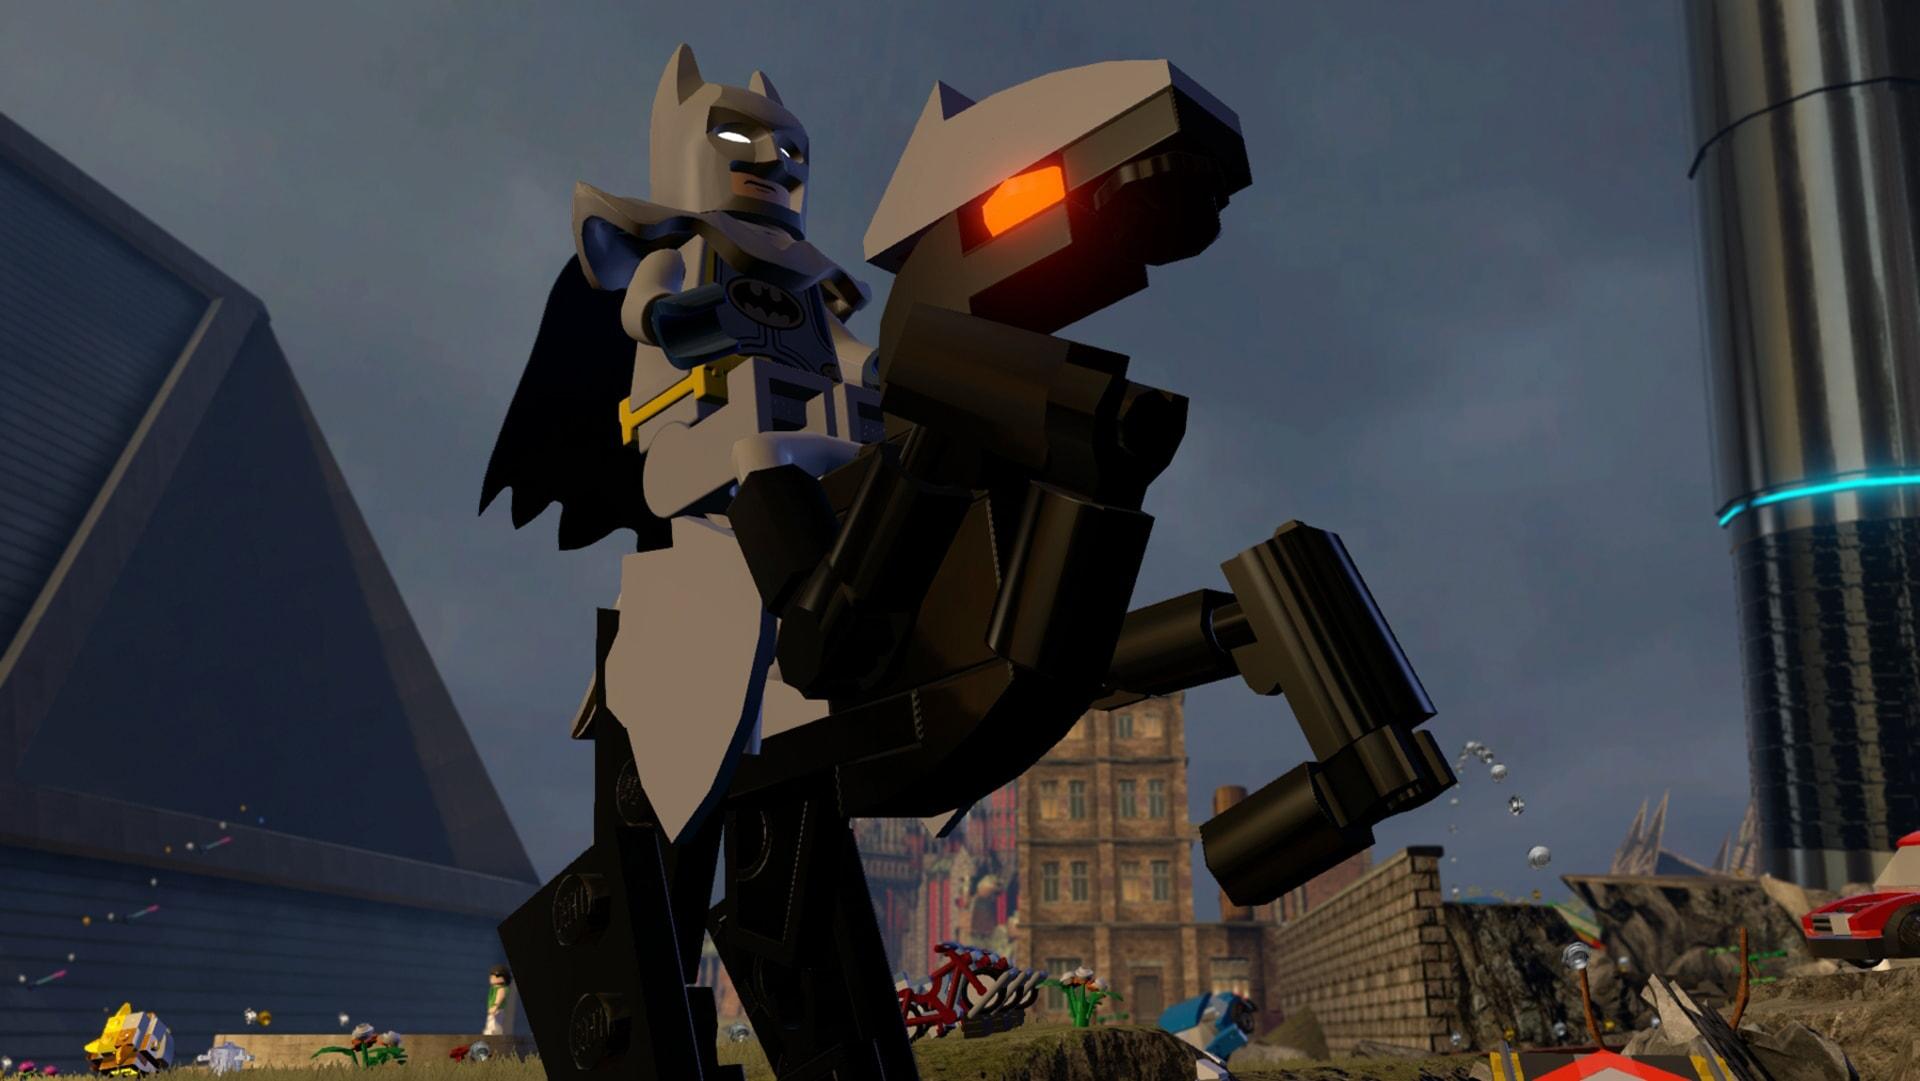 LEGO Dimensions: Batman